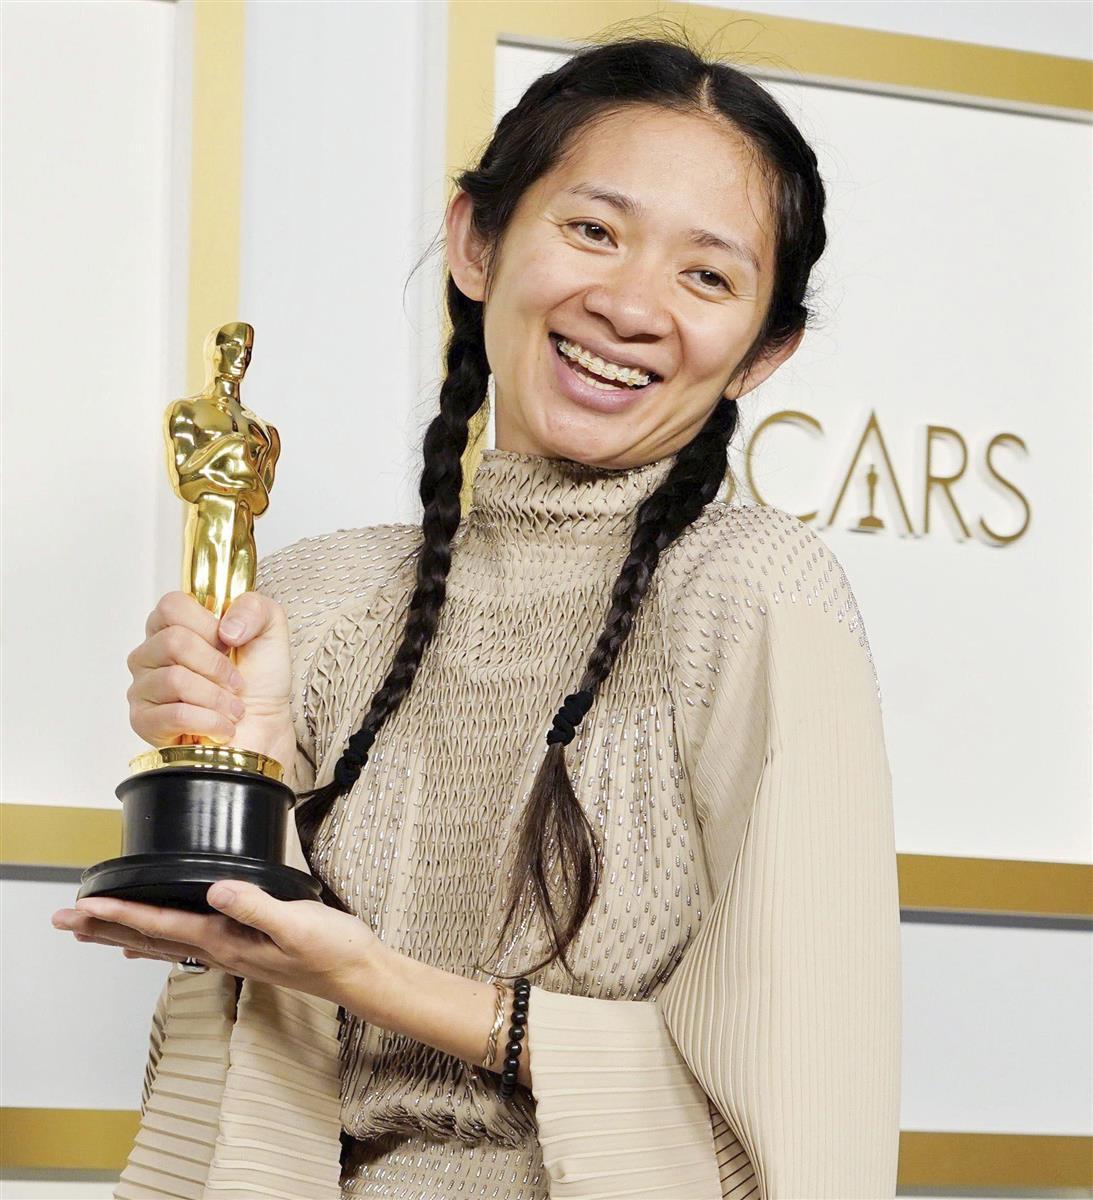 ジャオ監督のアカデミー賞なかったことに…ハリウッドは沈黙